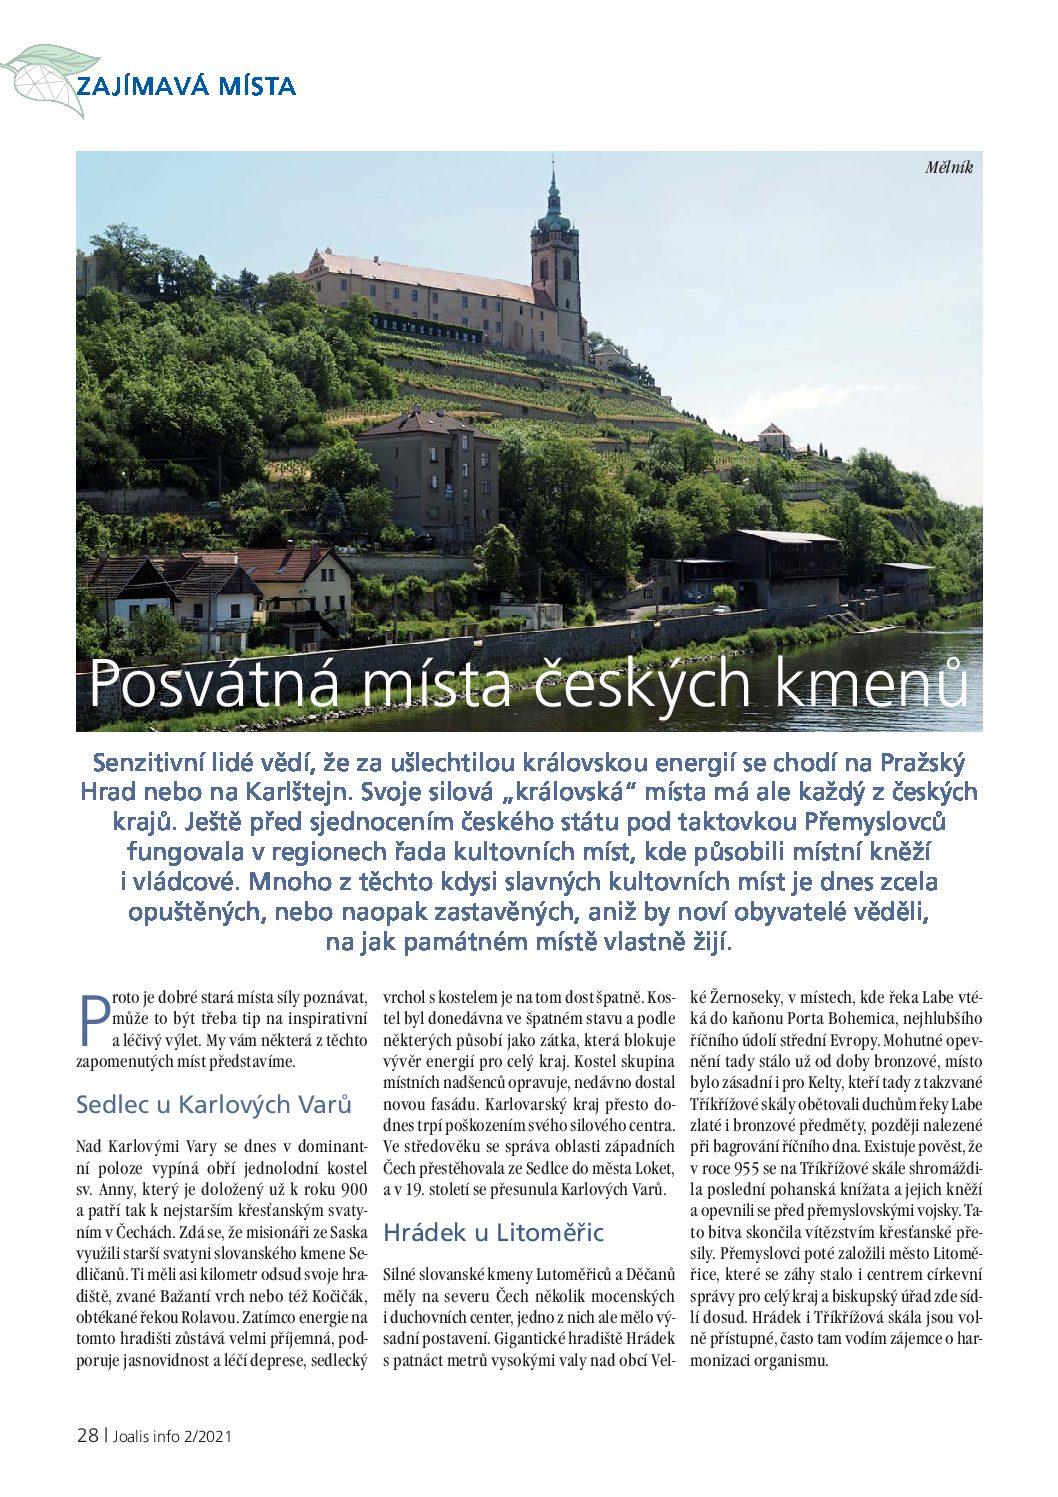 Článek o místech síly českých kmenů